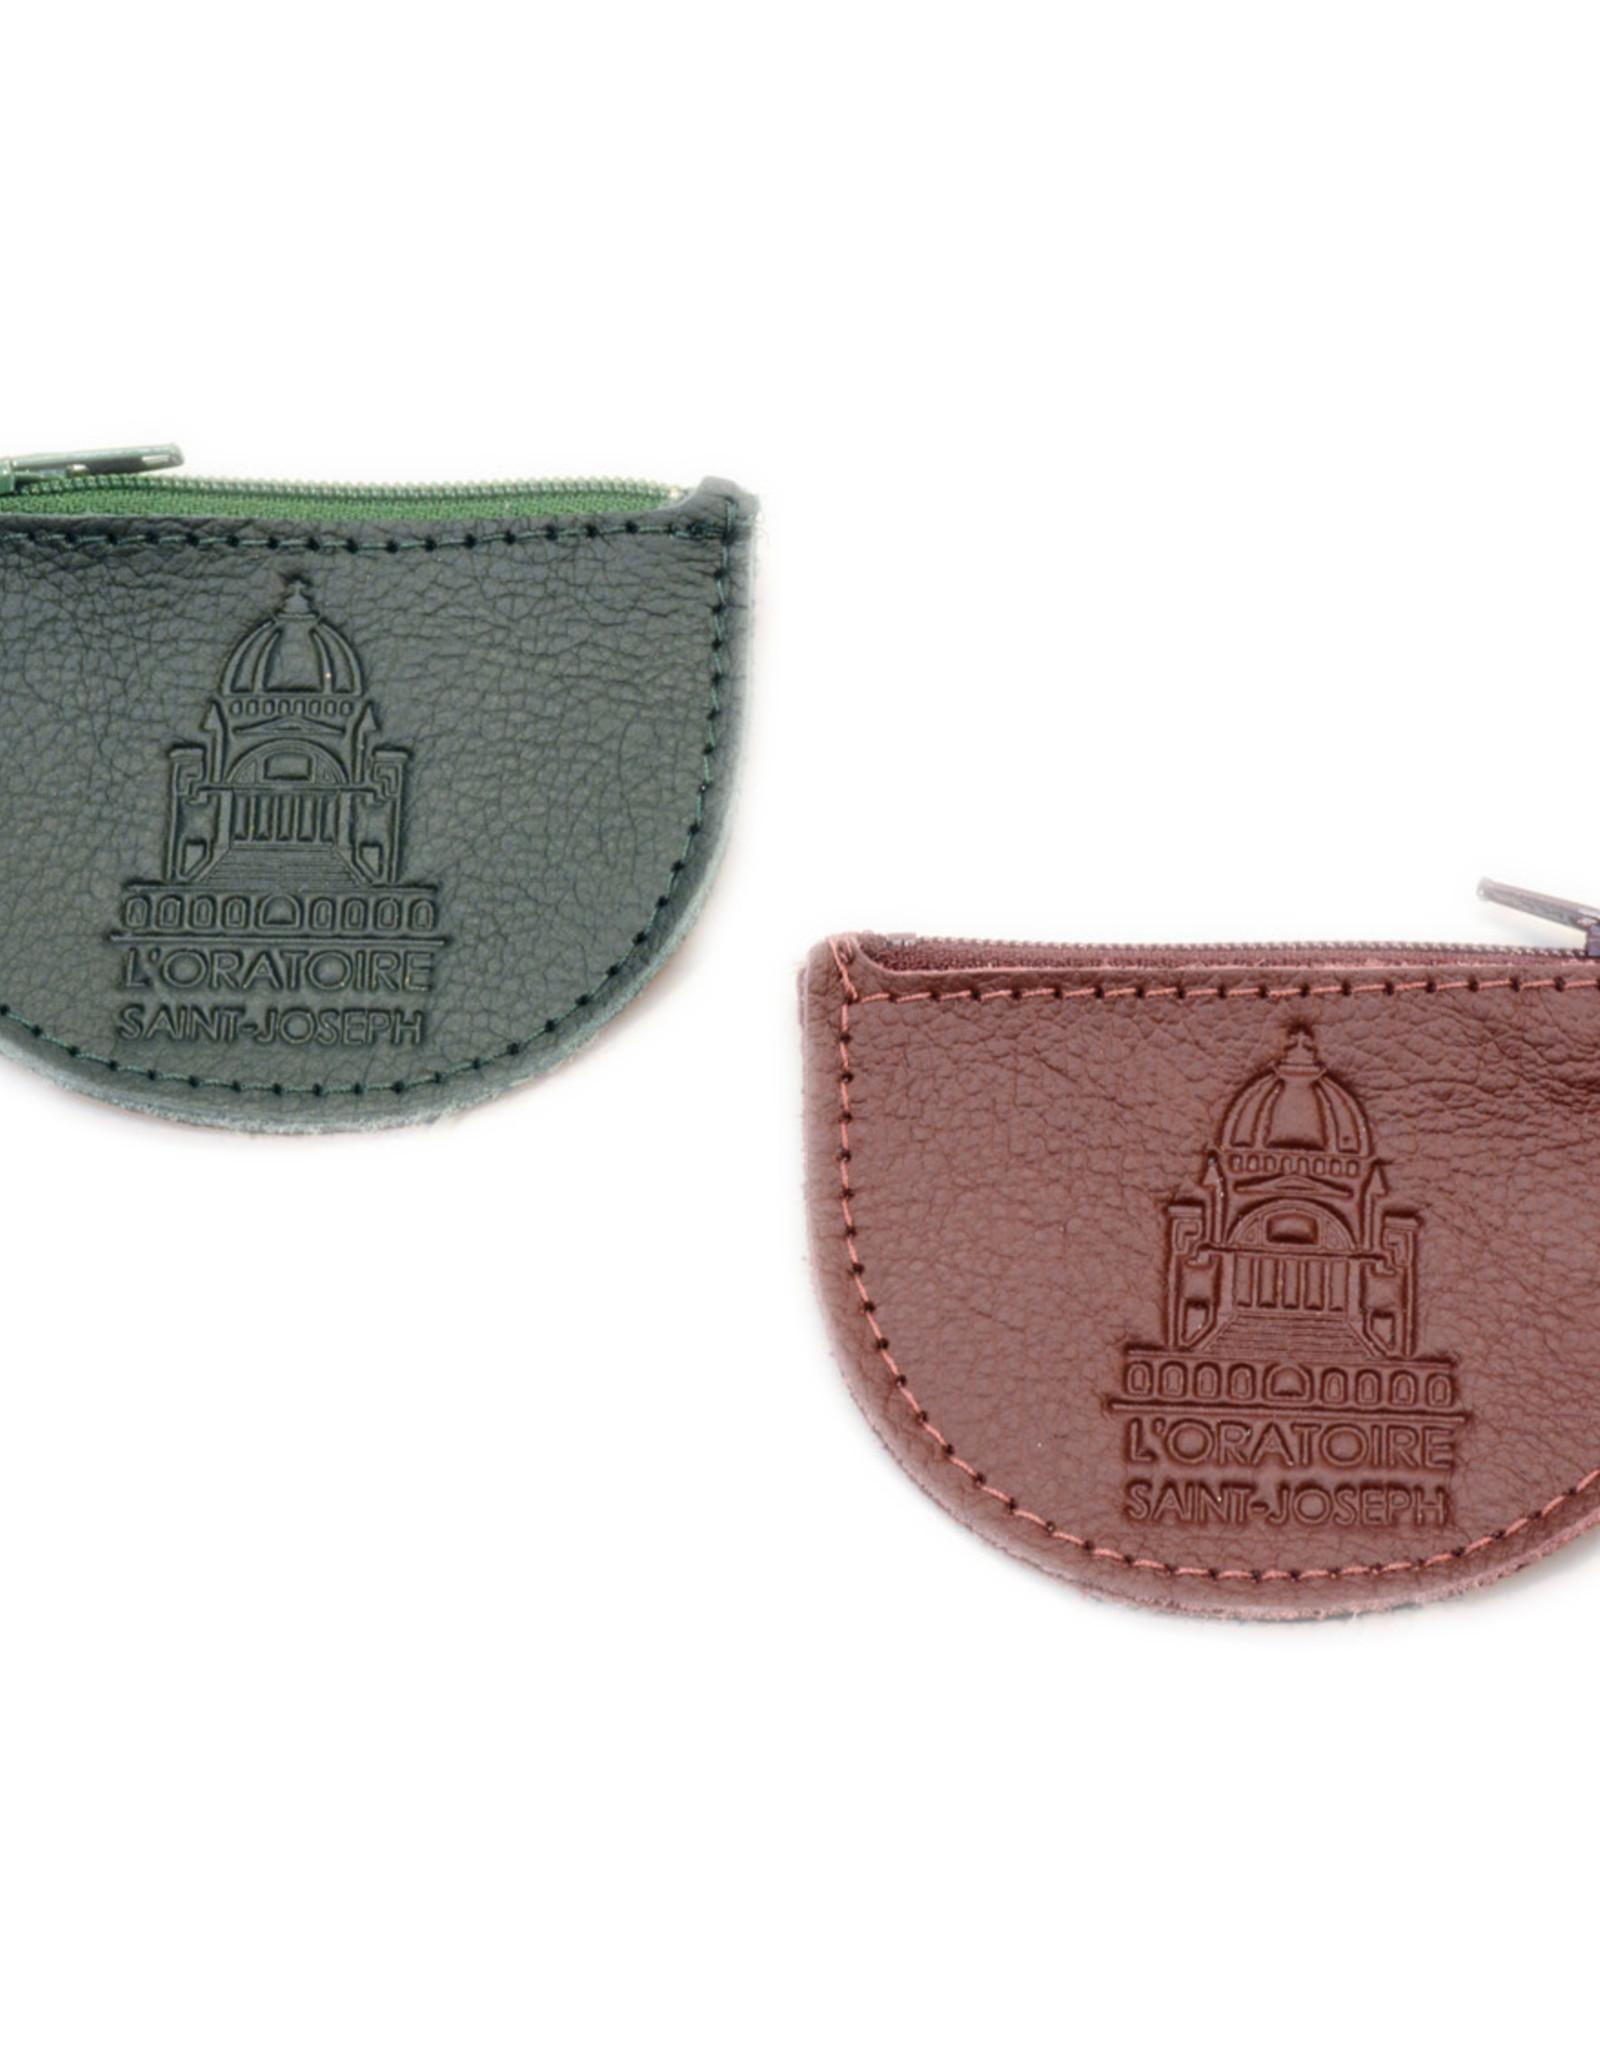 Étui à chapelet de l'Oratoire en cuir